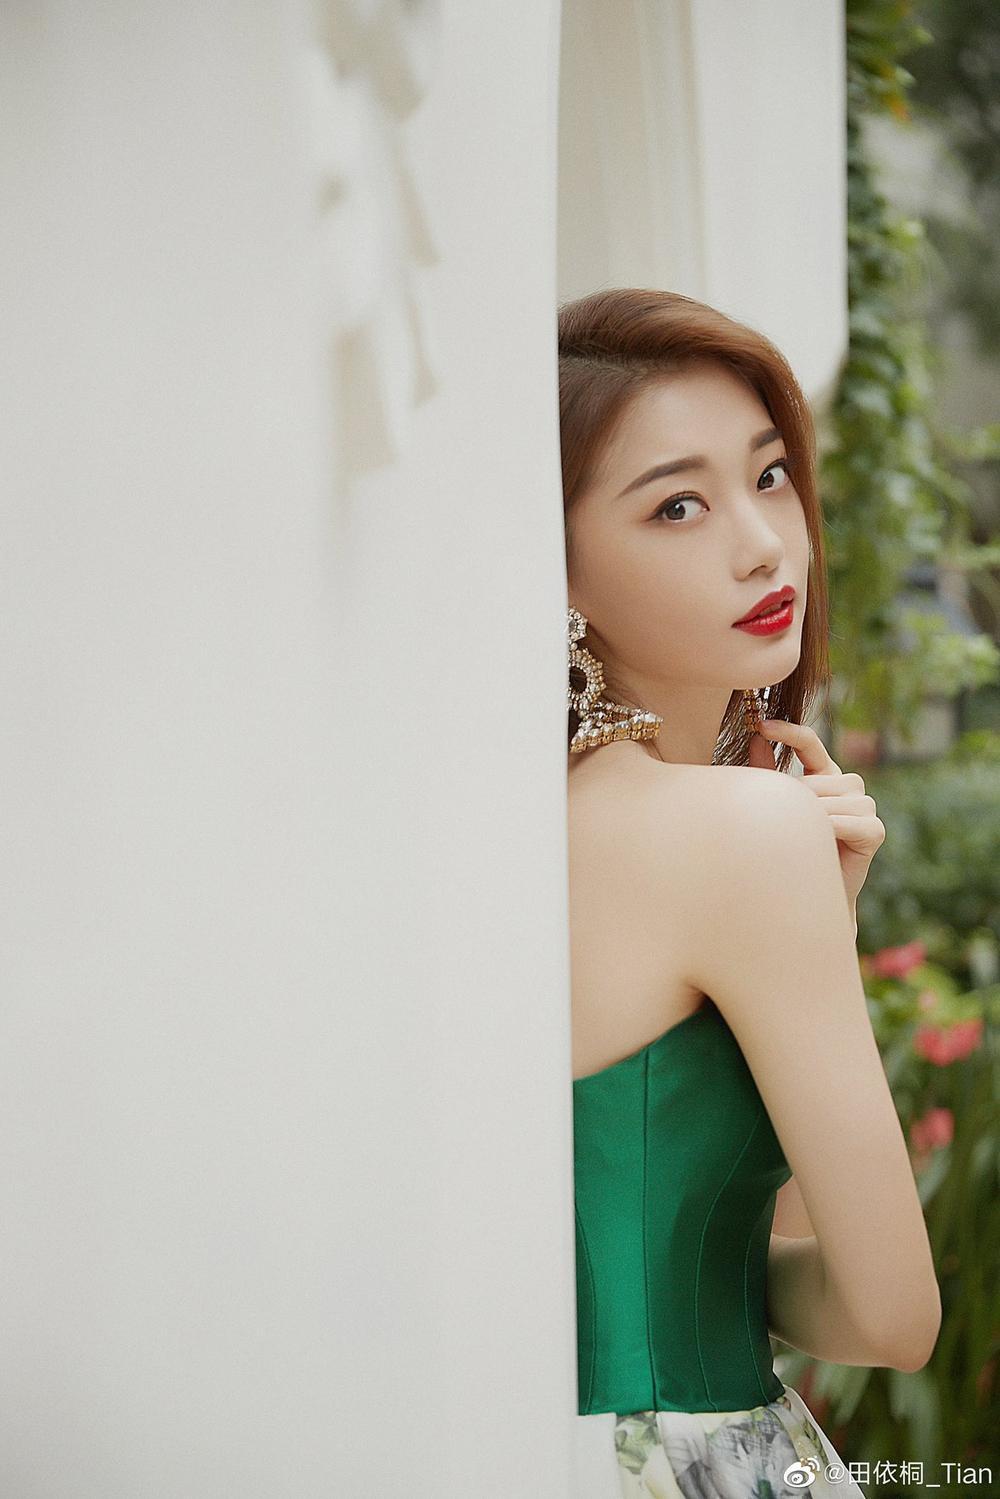 'Đêm hội ELLE 2020': Cận cảnh nhan sắc đẹp nao lòng của Dương Mịch, Cổ Lực Na Trát, Đường Yên và loạt sao Cbiz Ảnh 82